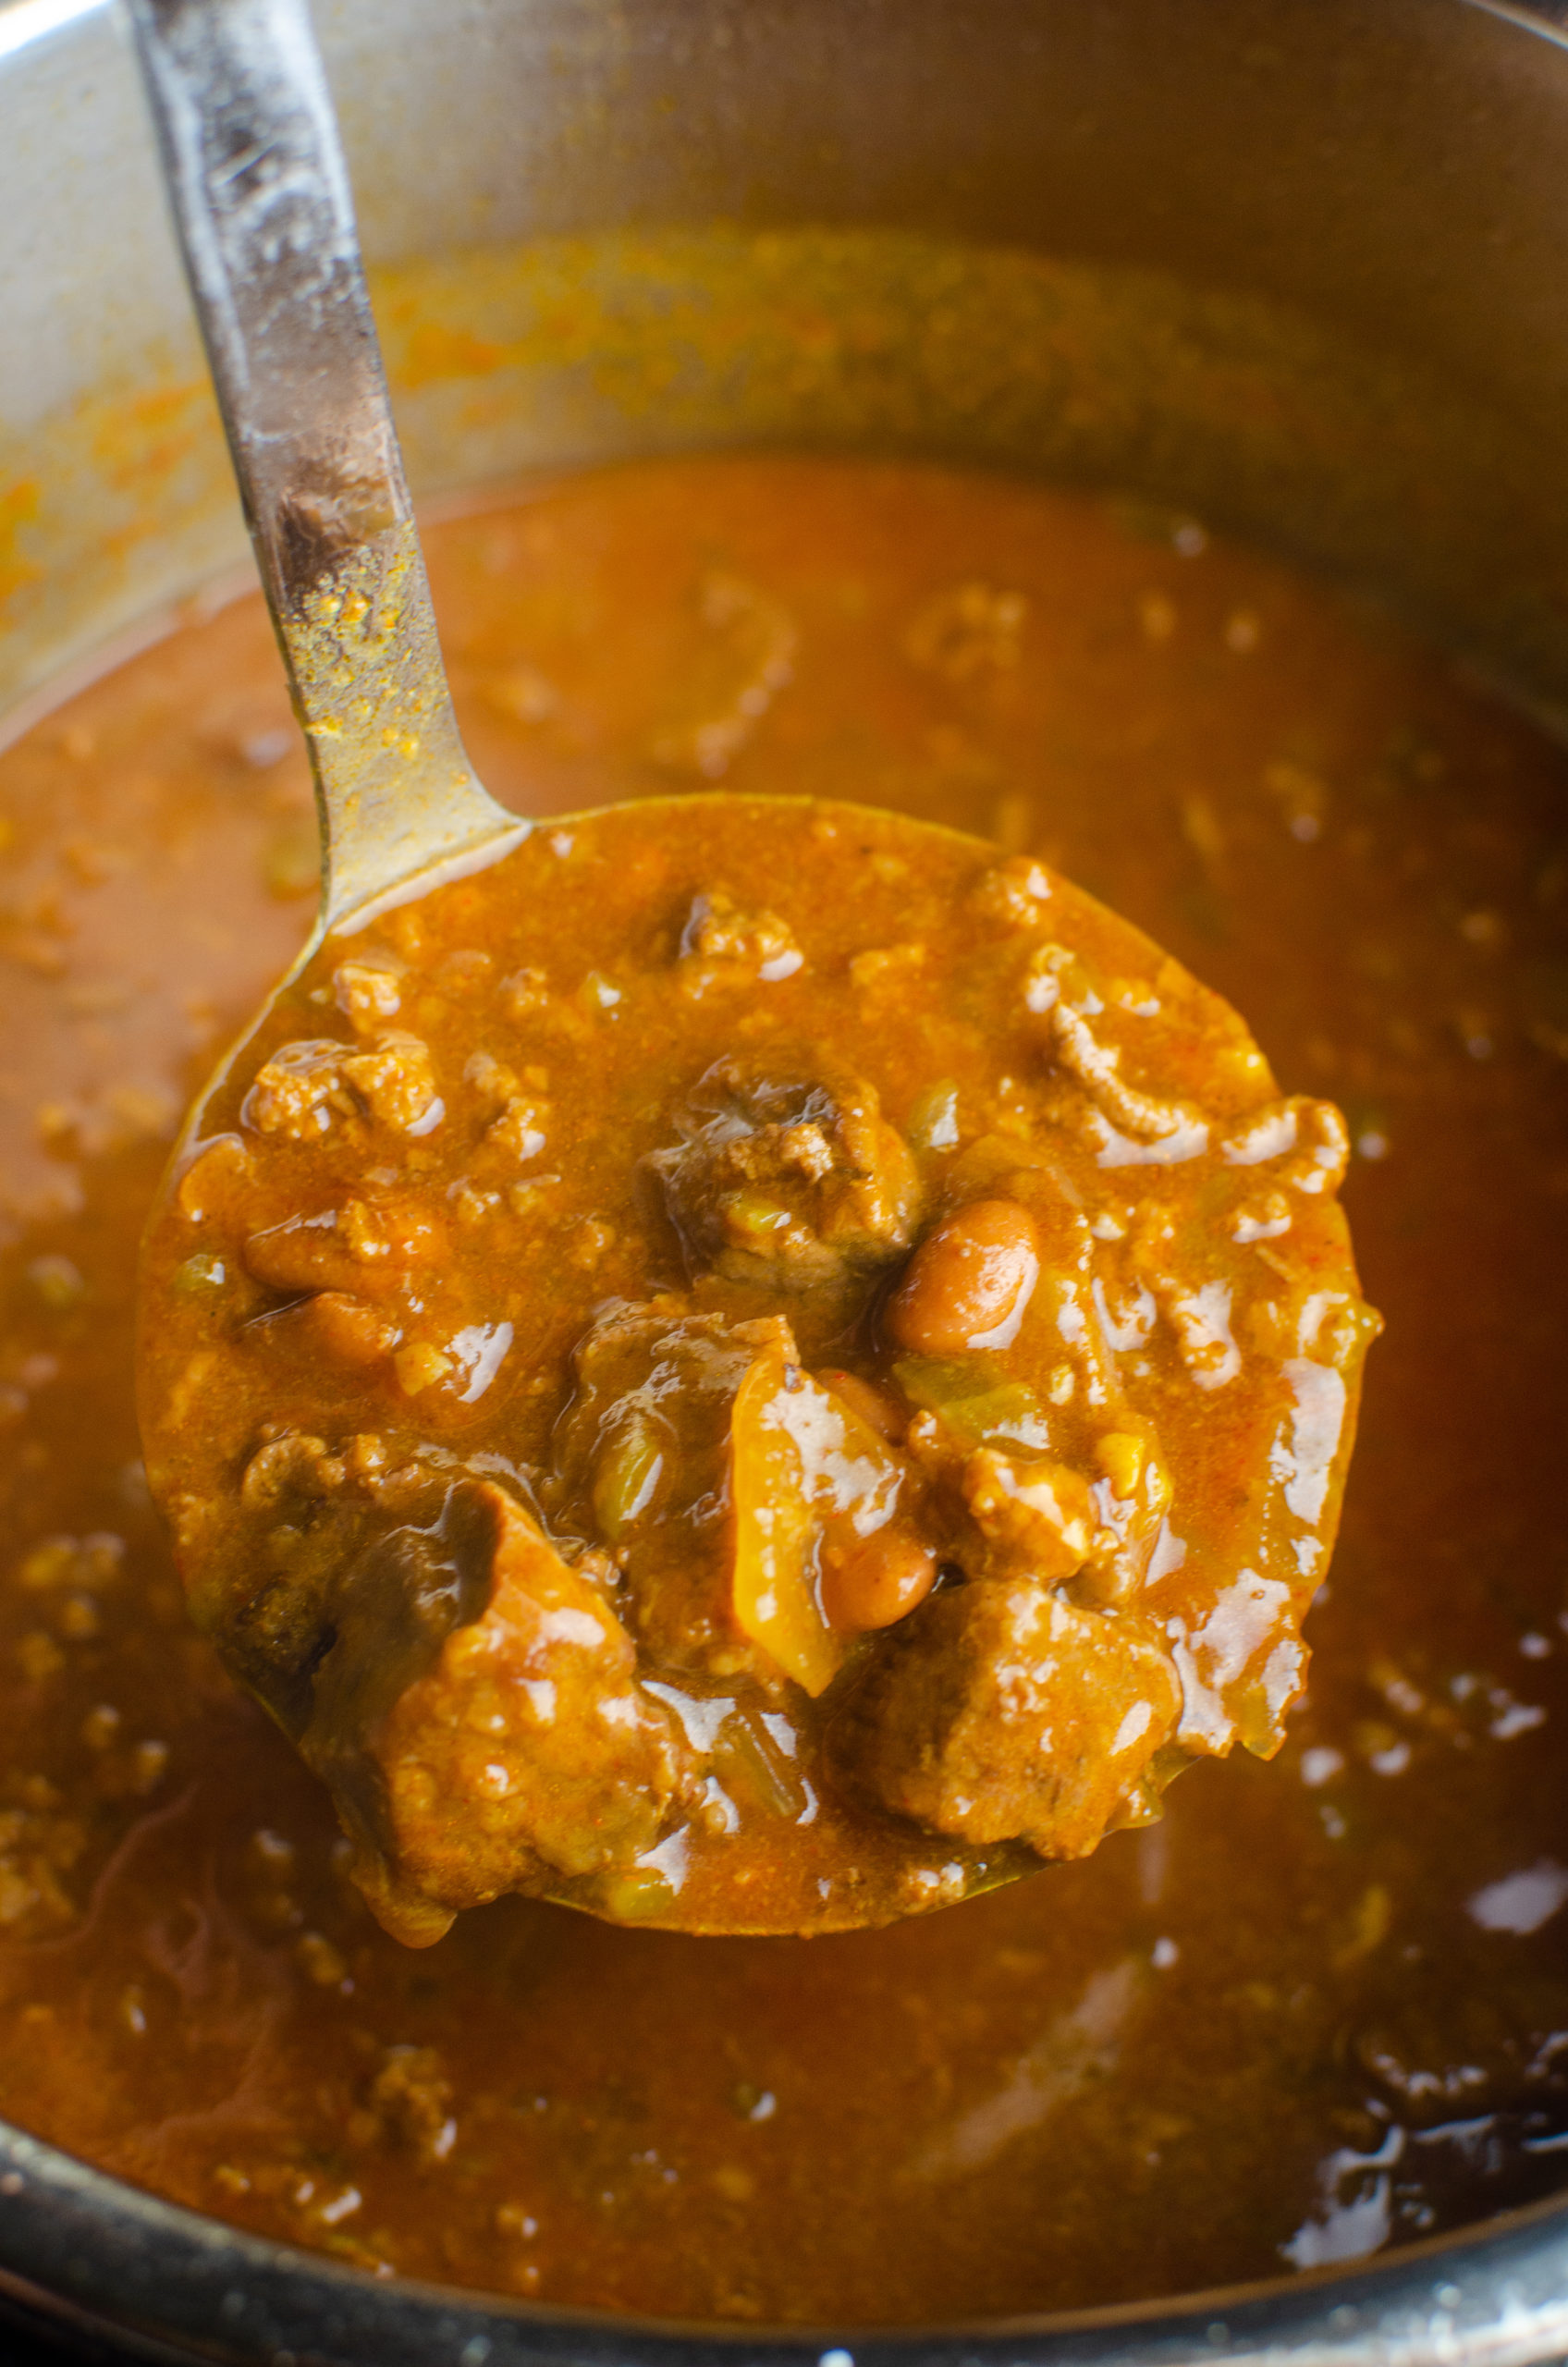 Ladle of chili